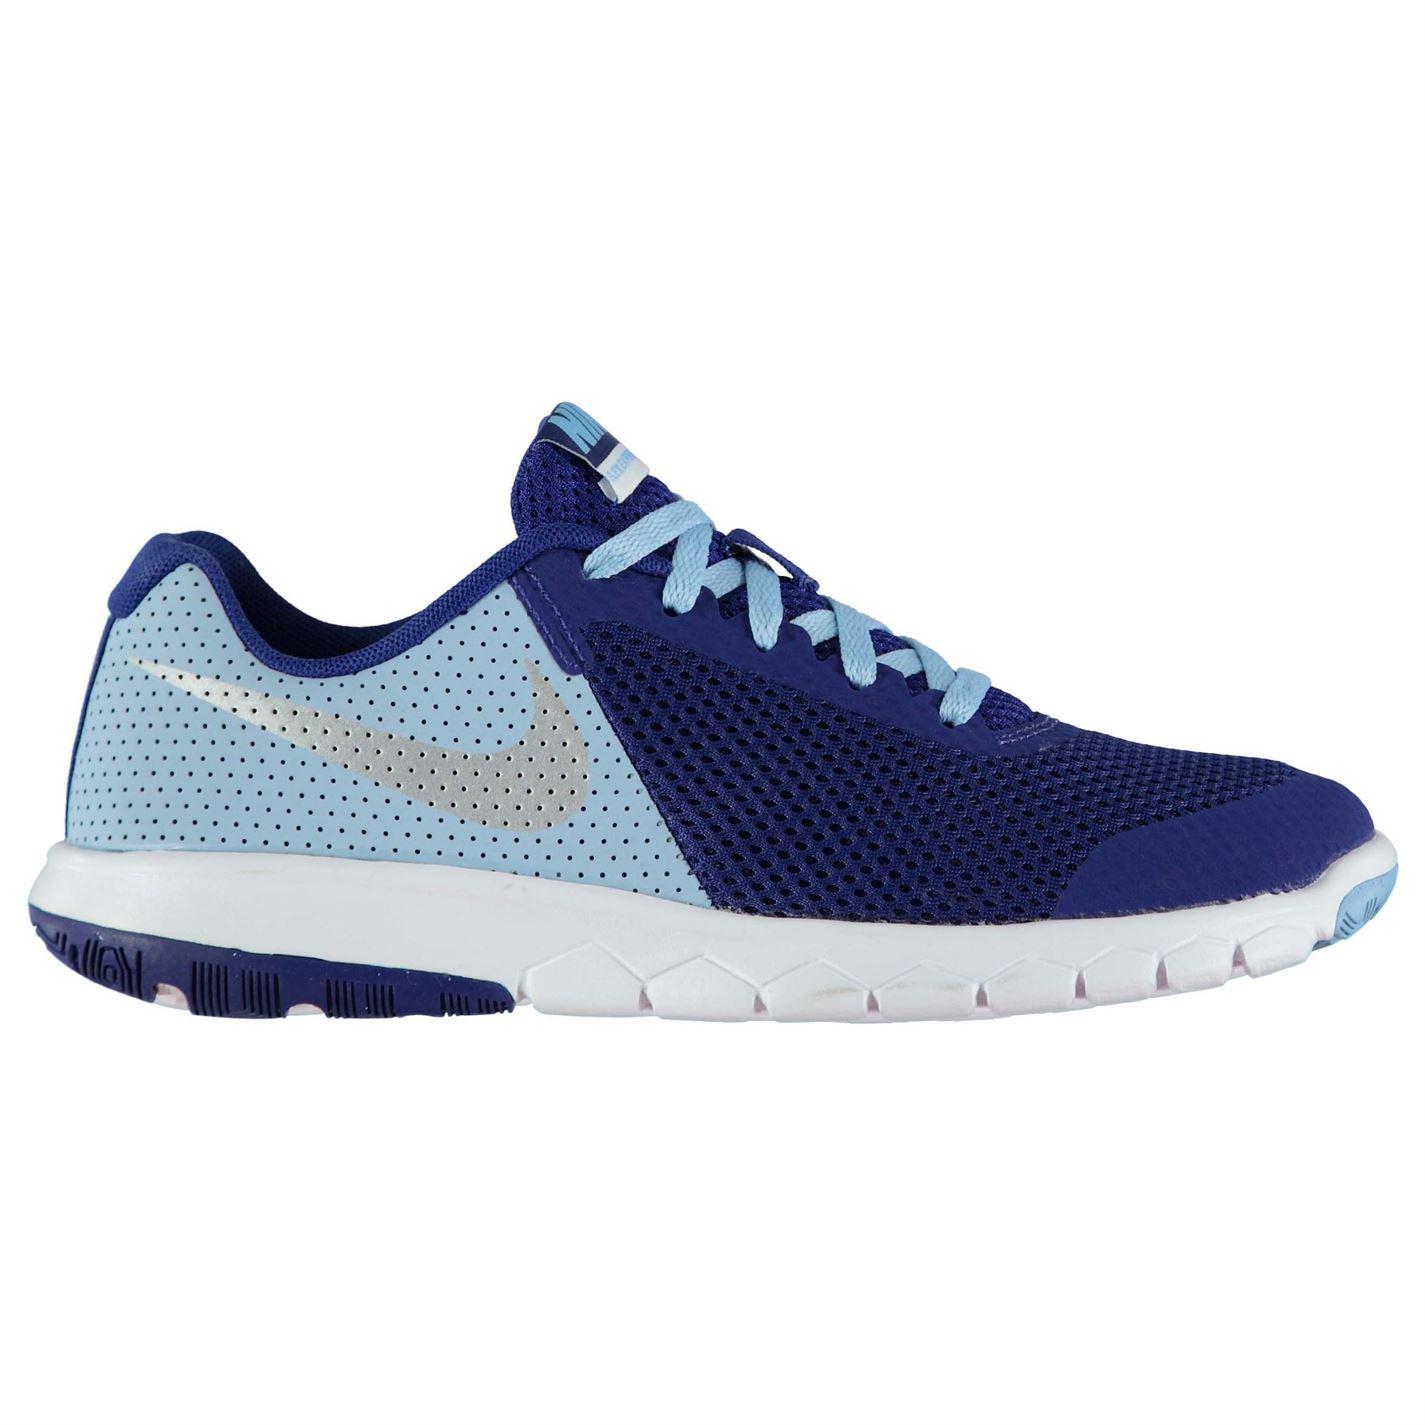 Nike Flex Contact Dívčí běžecké boty. Nike Flex Contact Dívčí běžecké boty  Nike  Flex Contact Dívčí běžecké boty 2cfde4b593